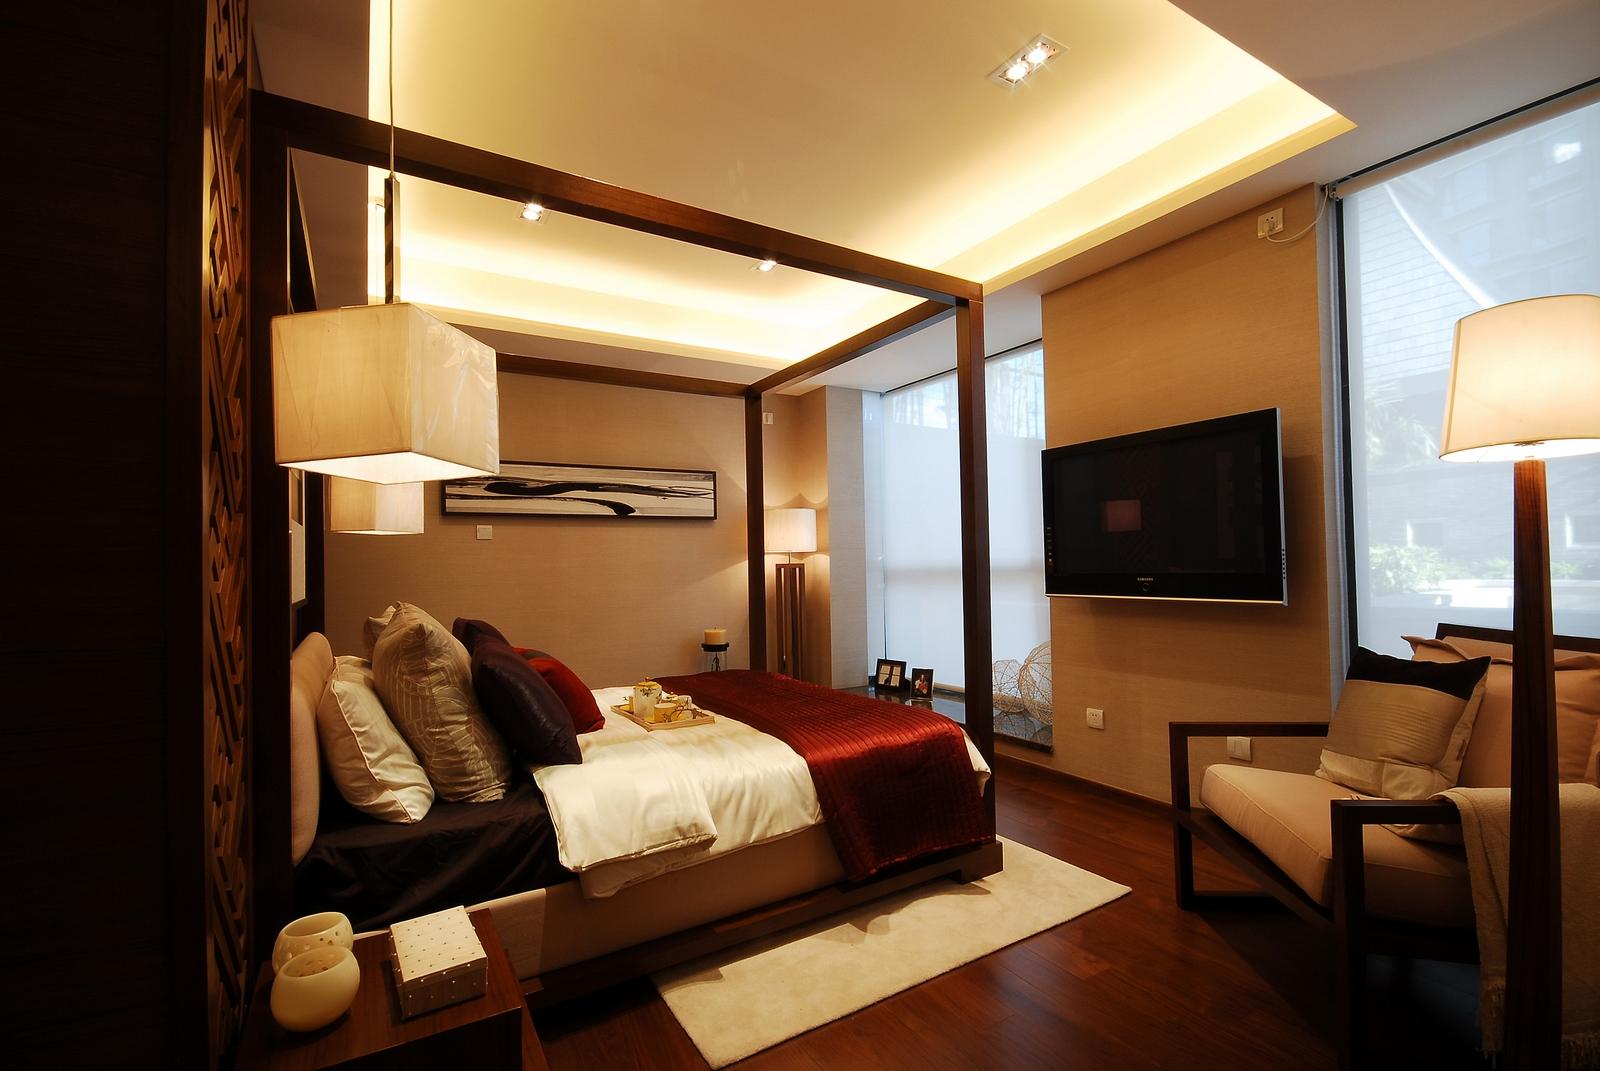 三居 简约 卧室图片来自武汉豪迪装饰公司在顶琇国际城102平现代简约的分享